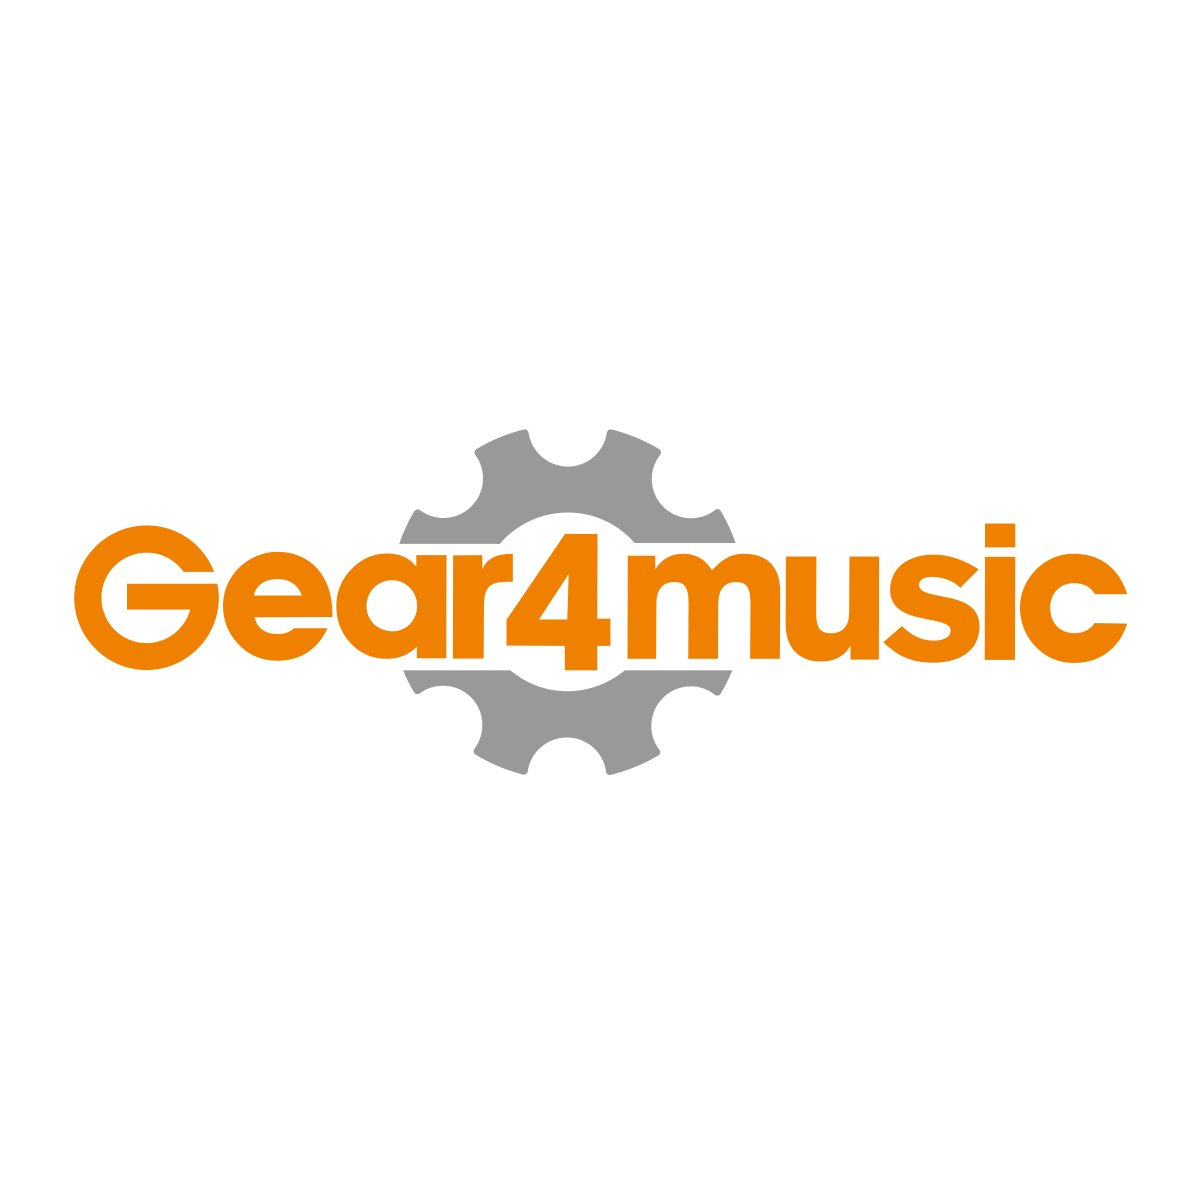 Rosedale Professional Altsaxophon und Spielerausrüstung - von Gear4music